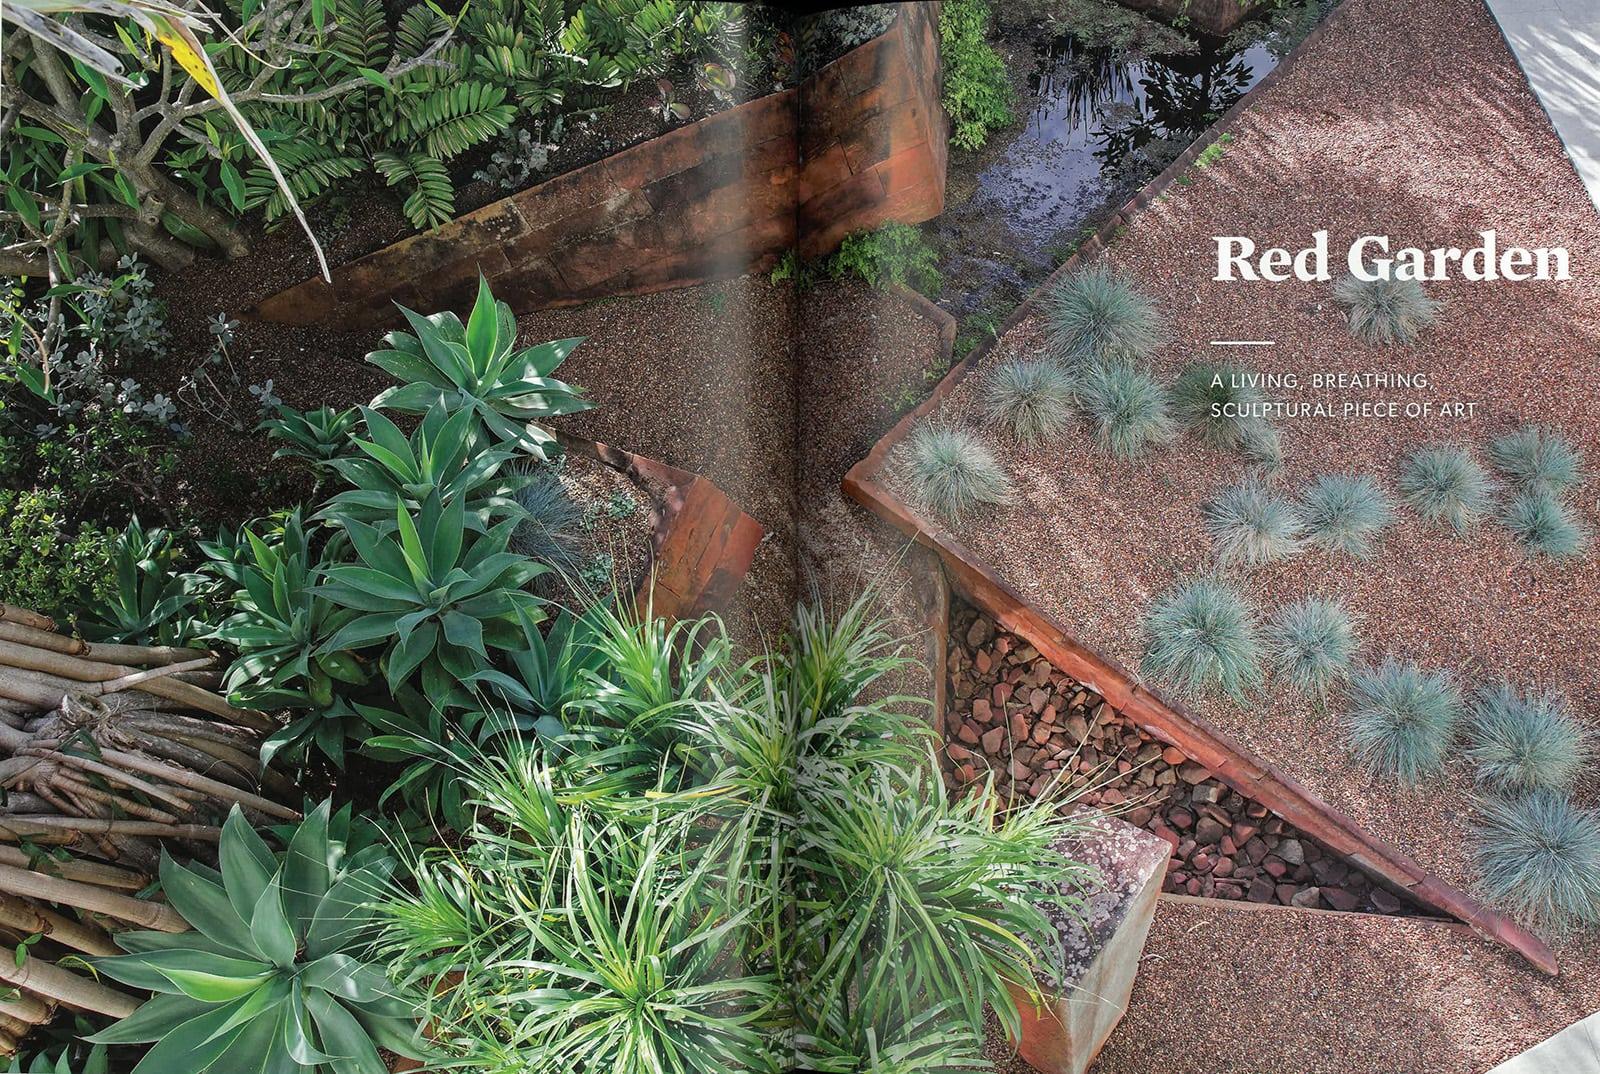 Michael bates landscaper extraordinaire 39 s new book for Landscape design courses adelaide